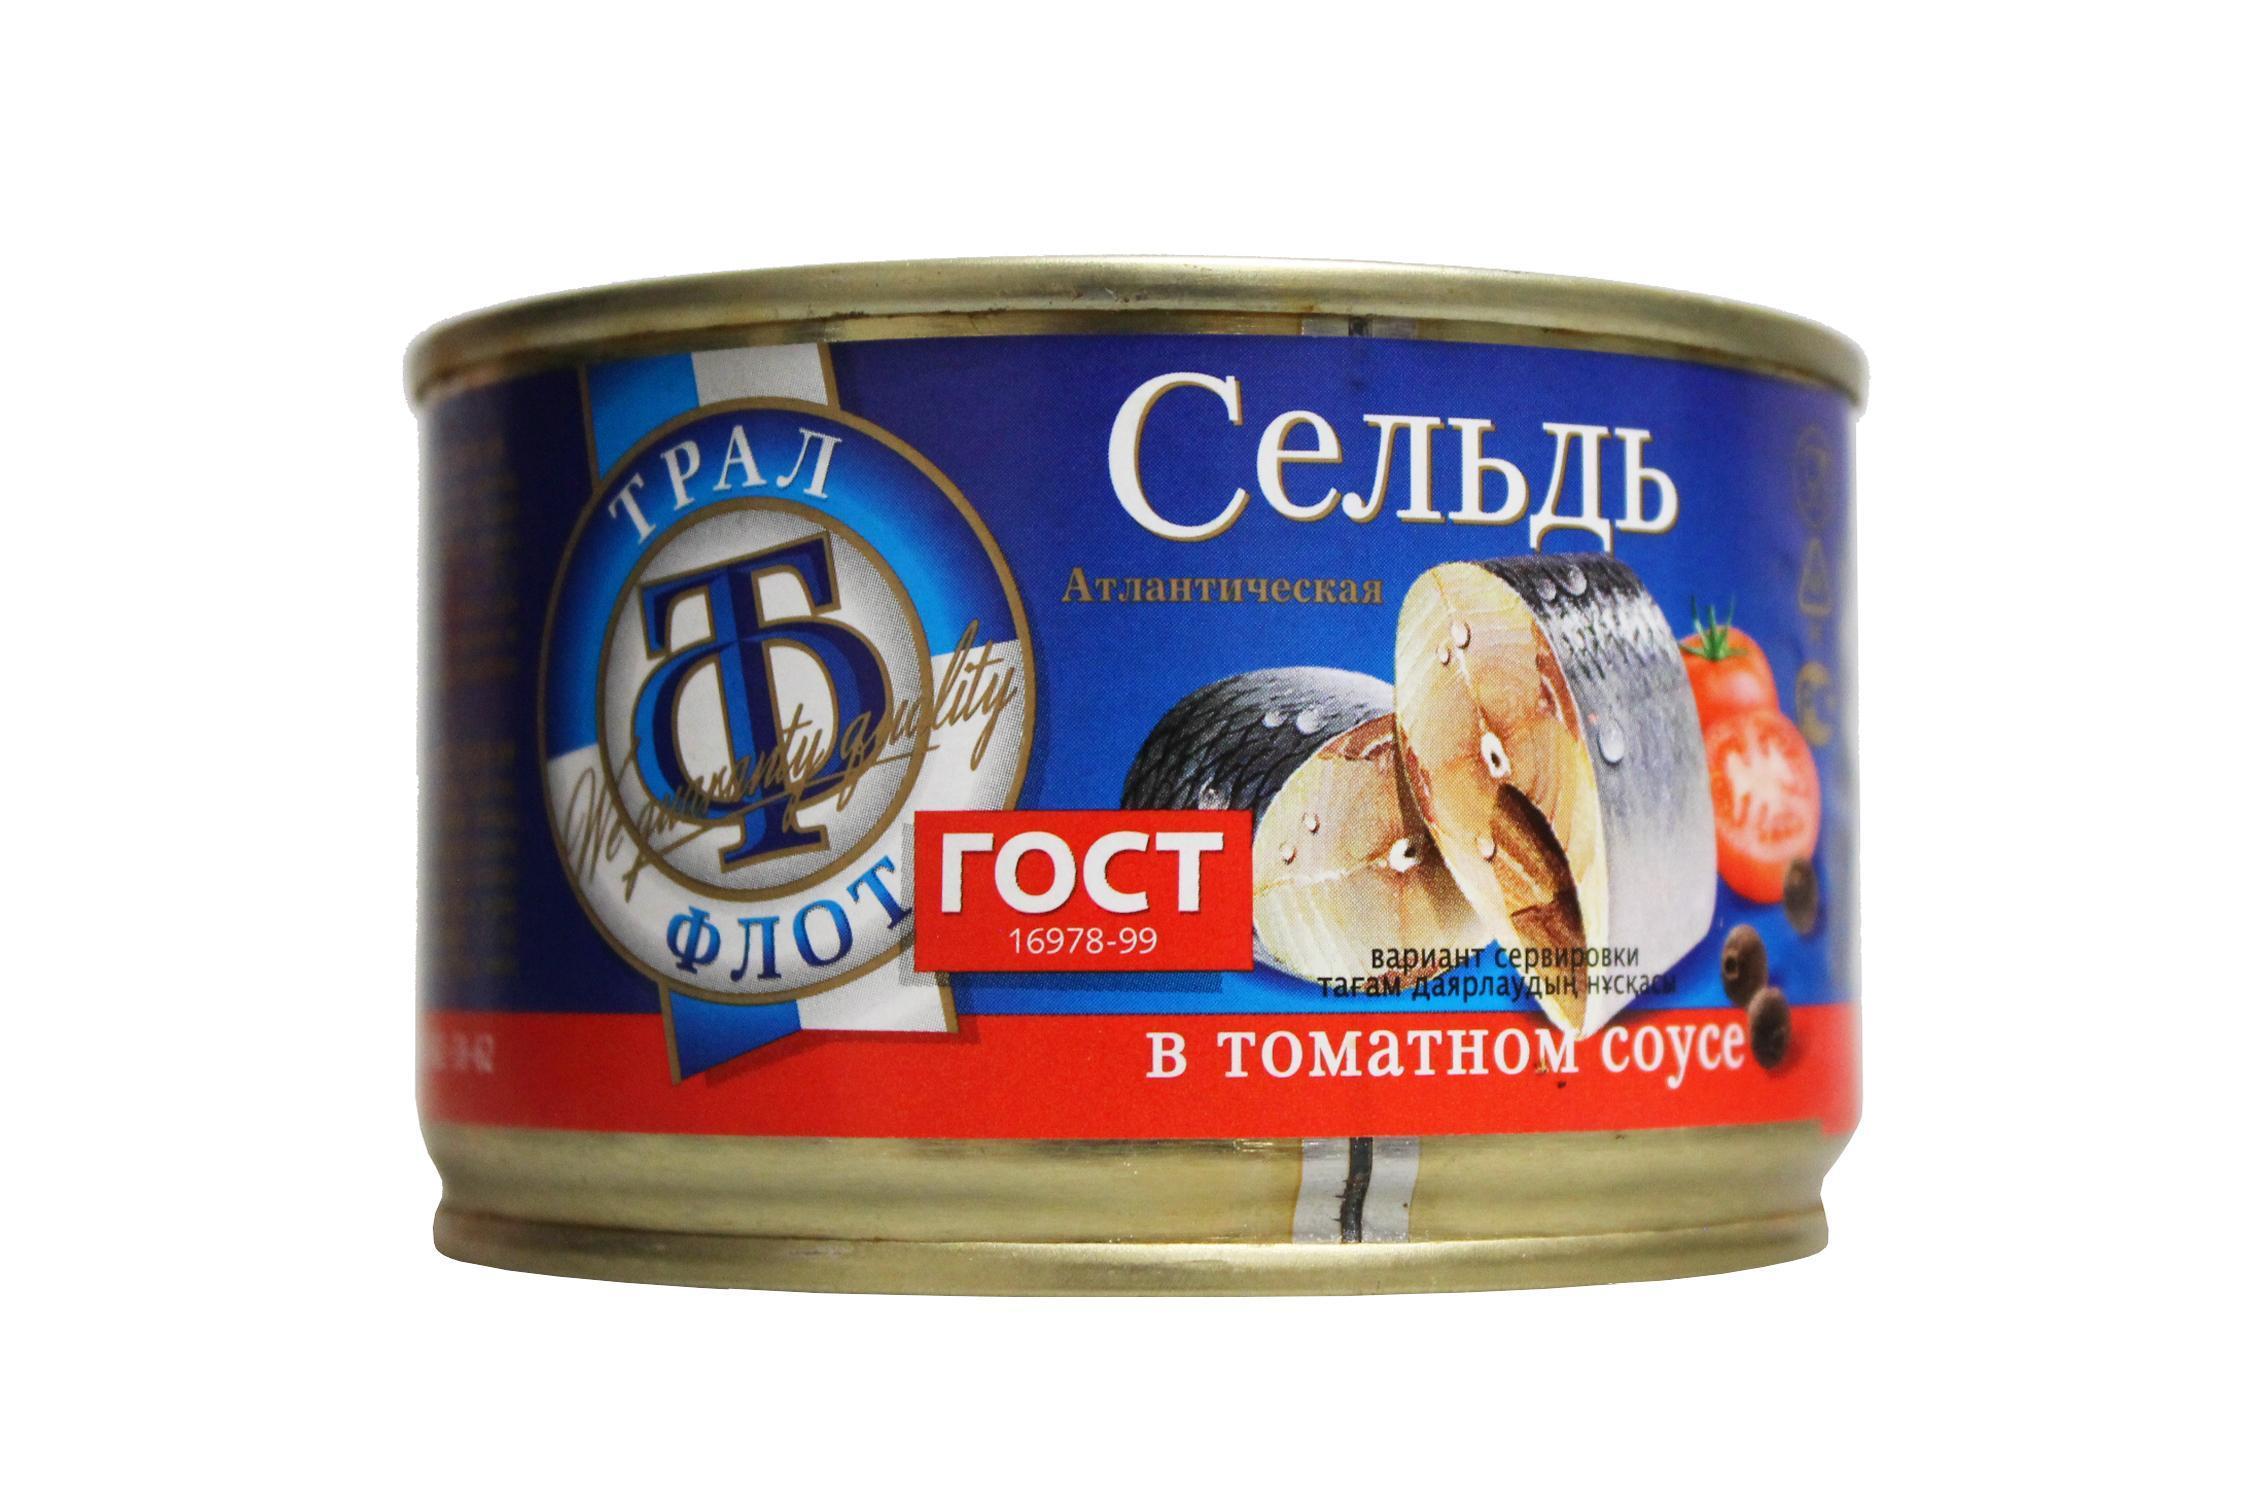 Рыбные консервы Трал Флот сельдь атлантическая в томатном соусе